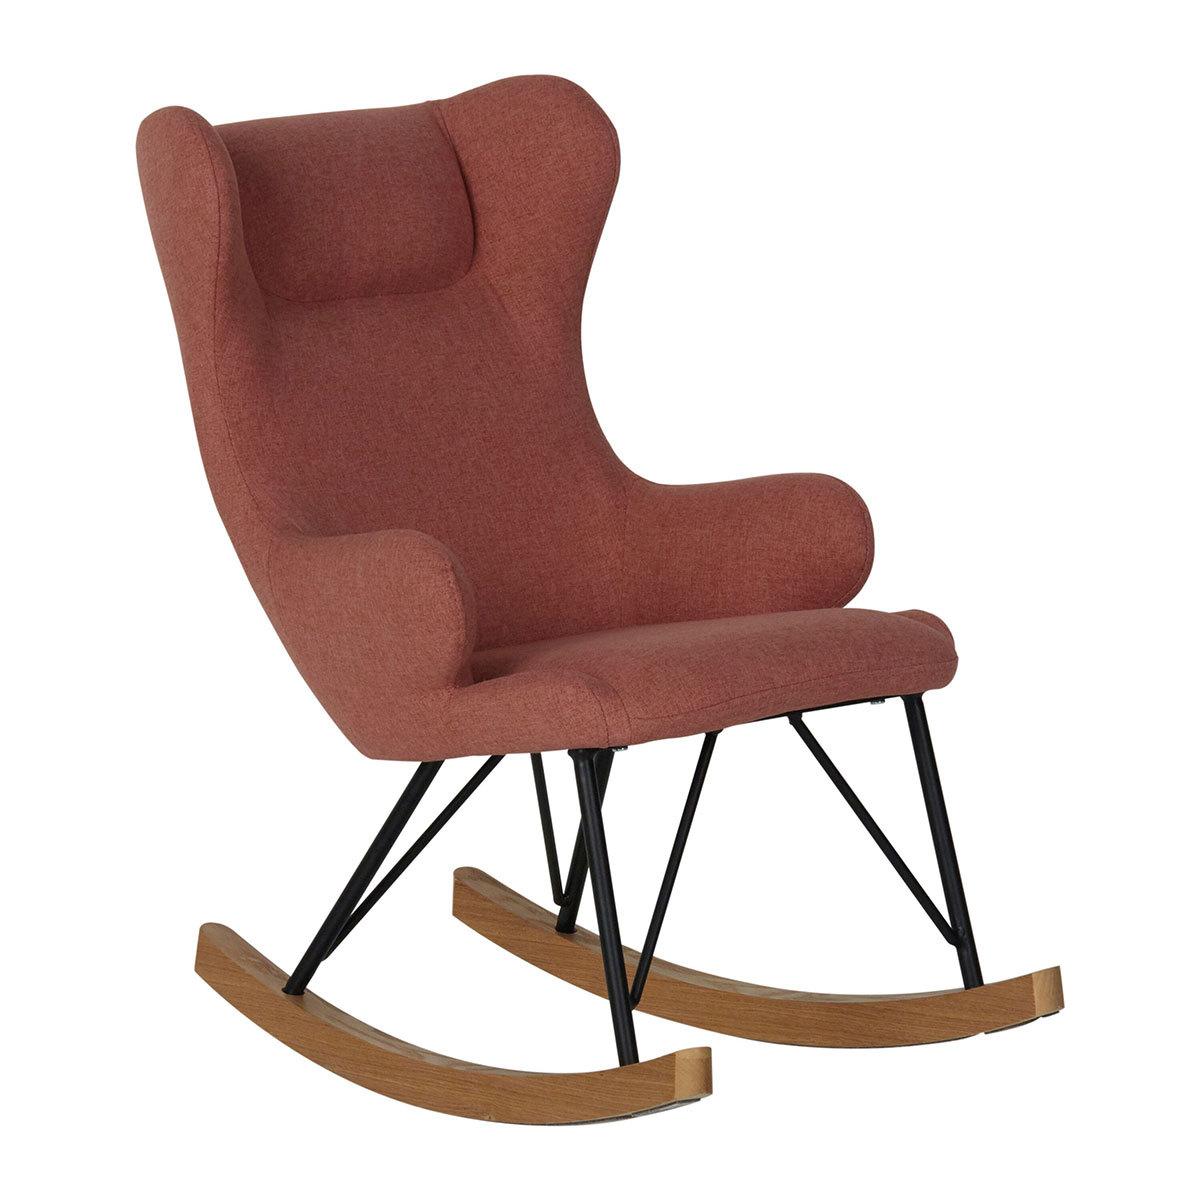 Fauteuil Rocking Kids Chair De Luxe - Soft Peach Rocking Kids Chair De Luxe - Soft Peach